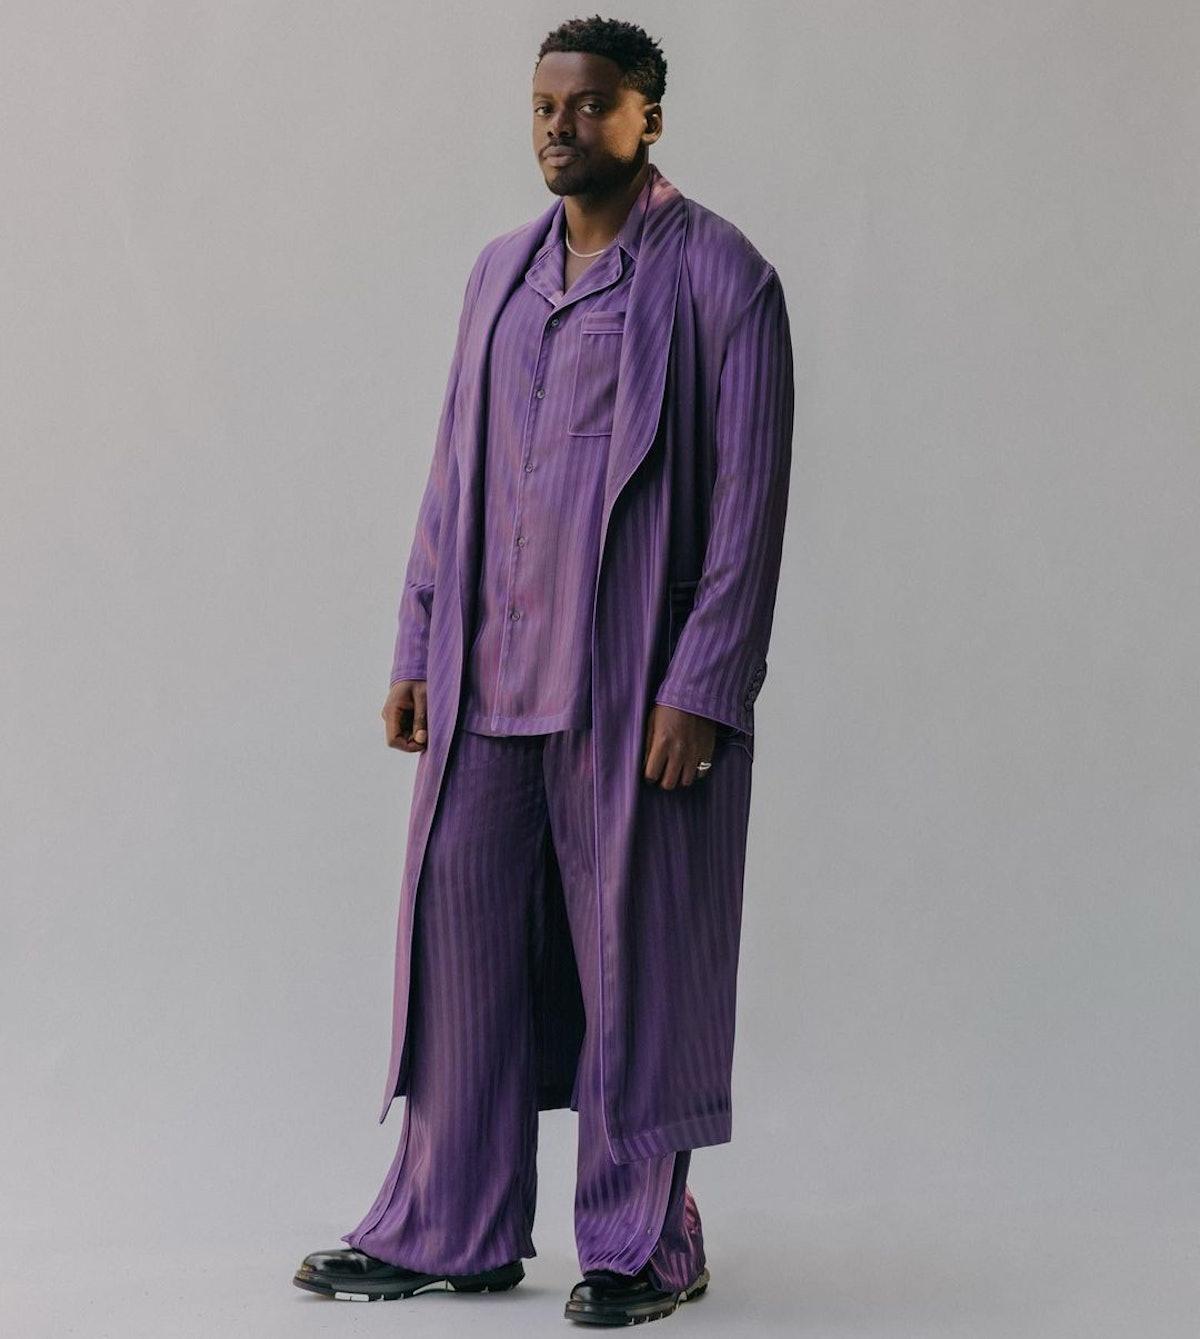 Daniel Kaluuya purple robe and pajamas SAG Awards